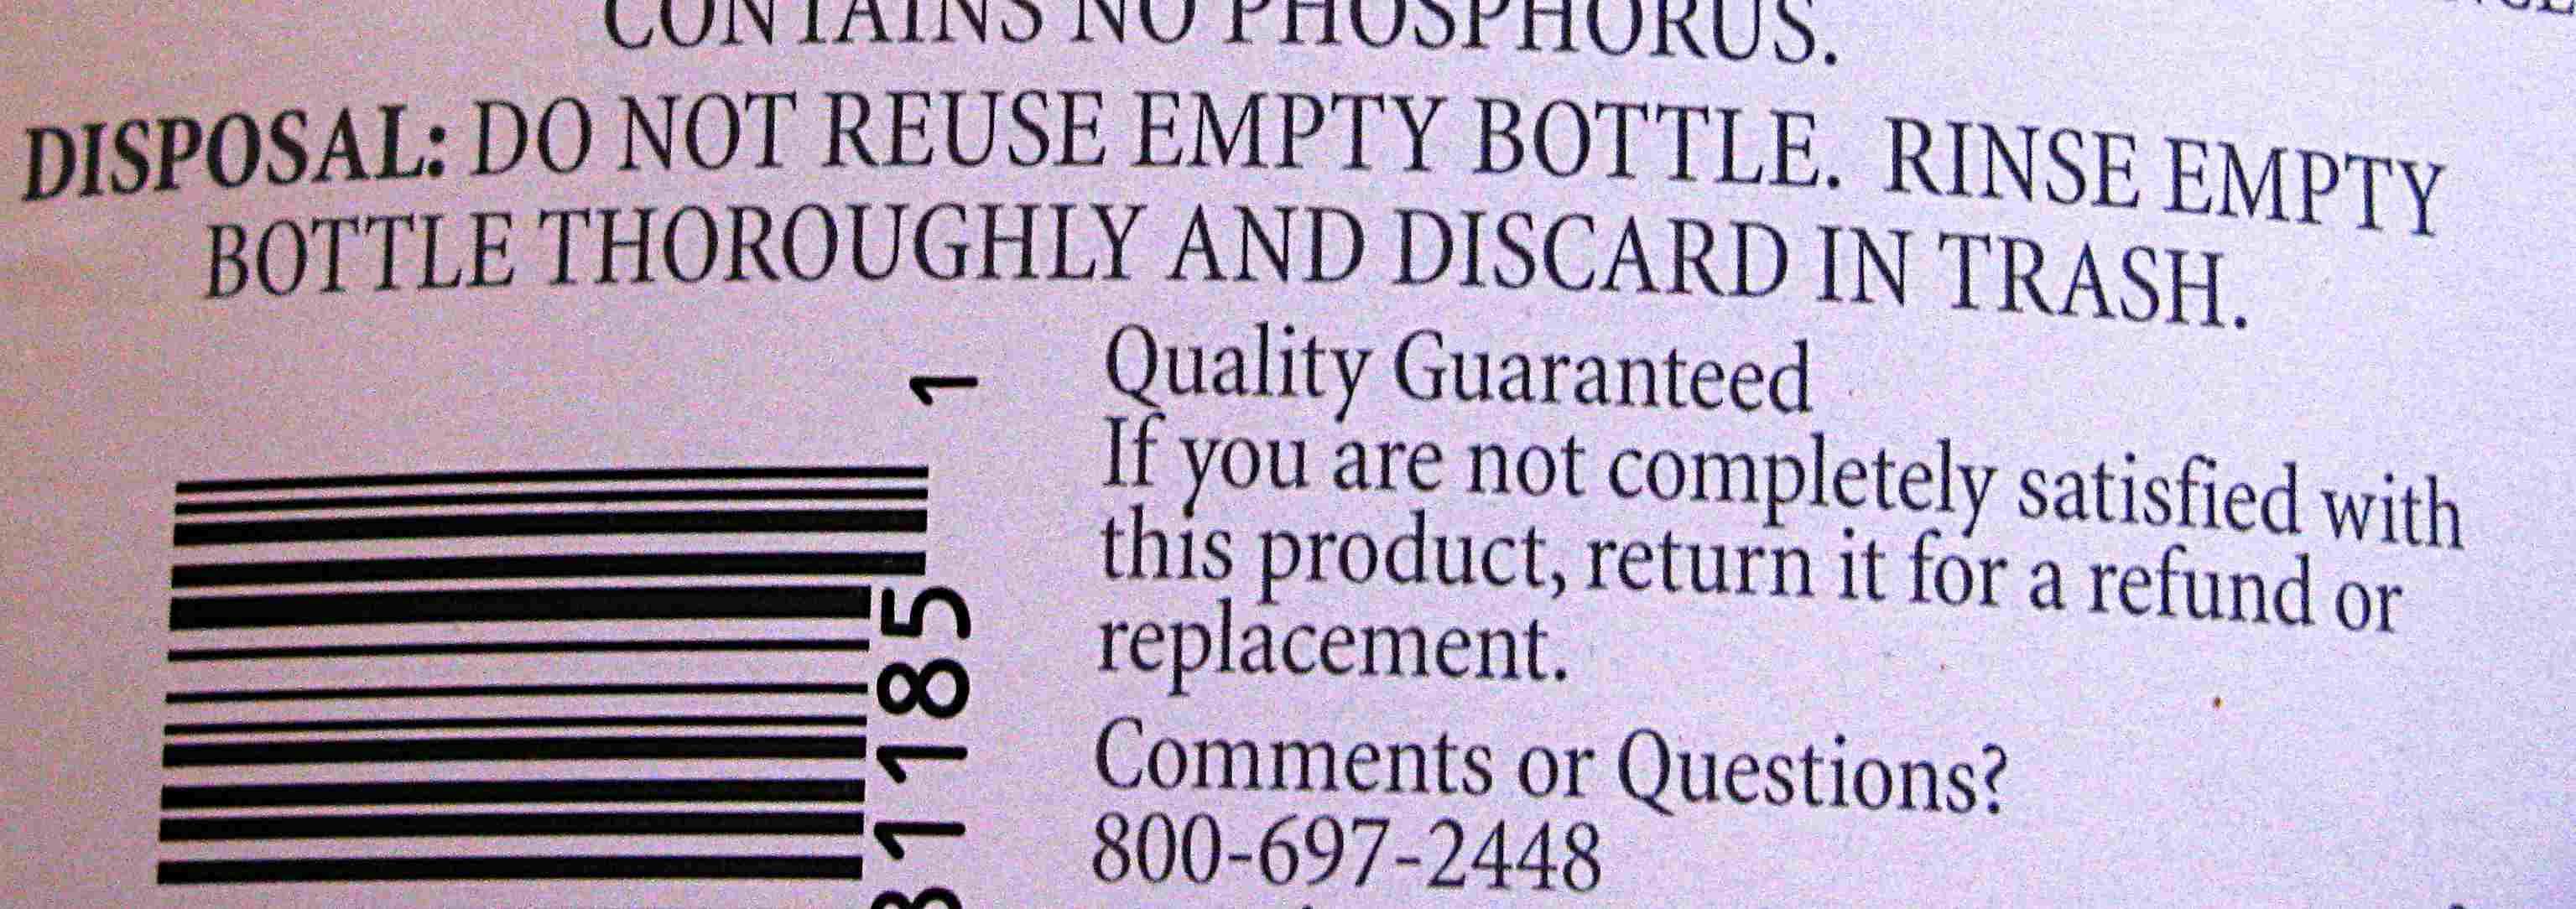 Etiquetas de limpieza: eliminación